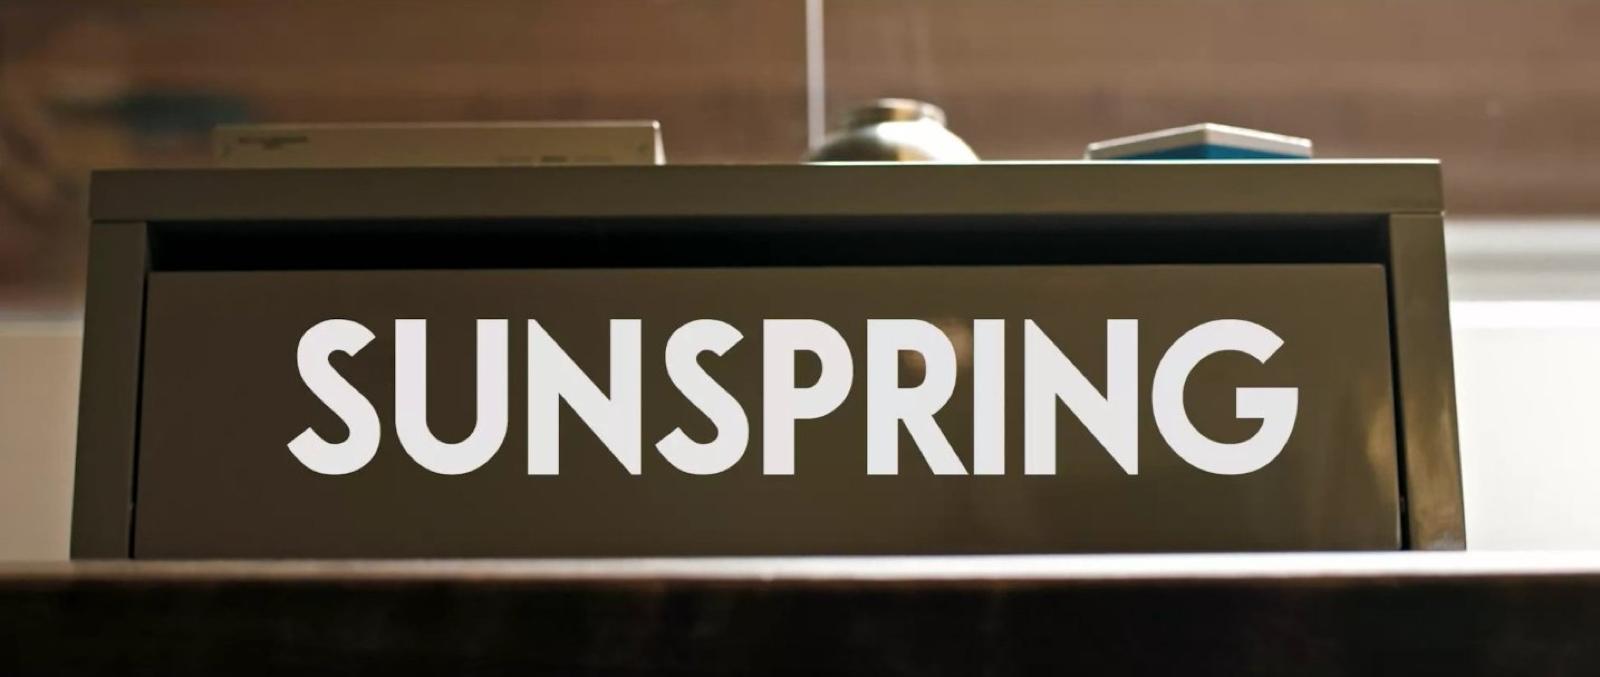 UDC - 3-04 - Sunspring